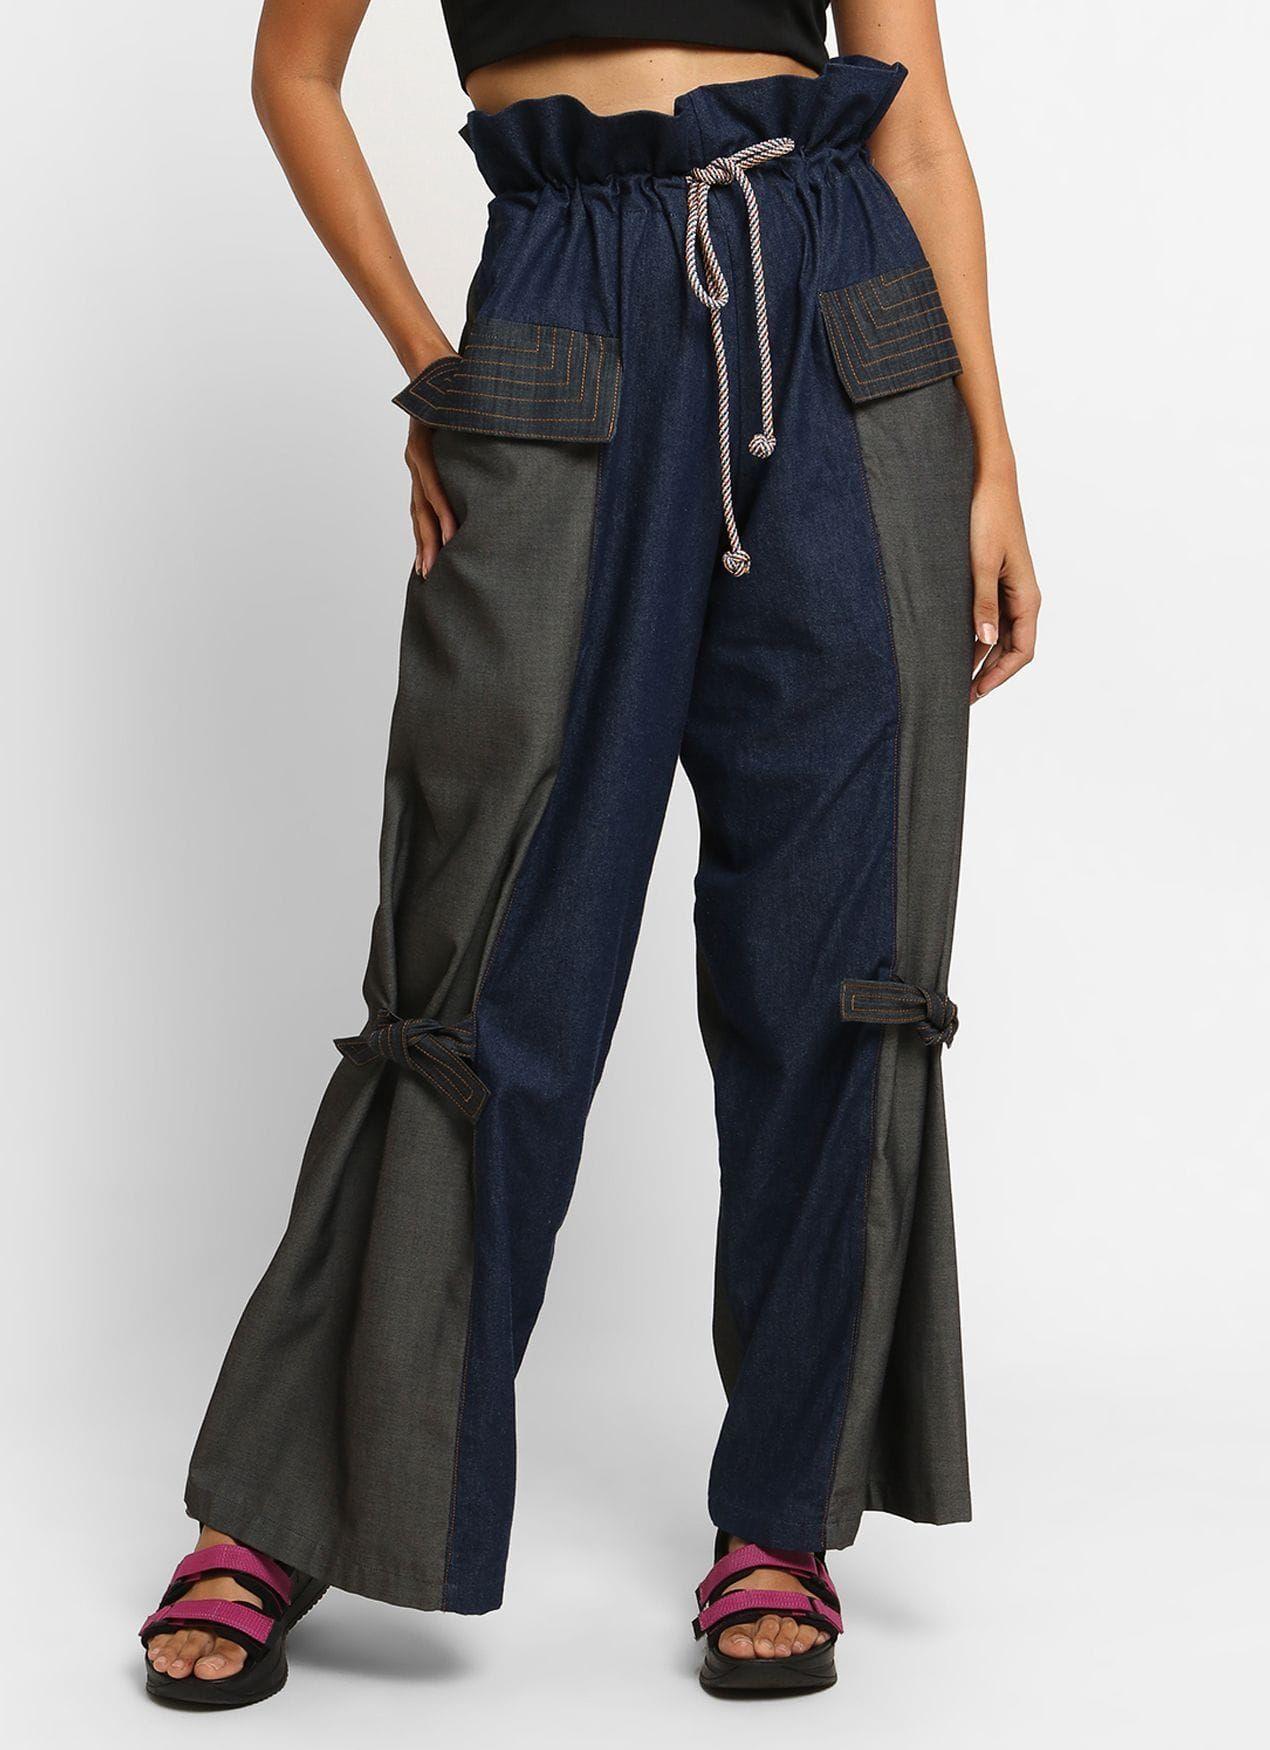 #PopbelaOOTD: Rekomendasi Celana Formal untuk Acara Pernikahan